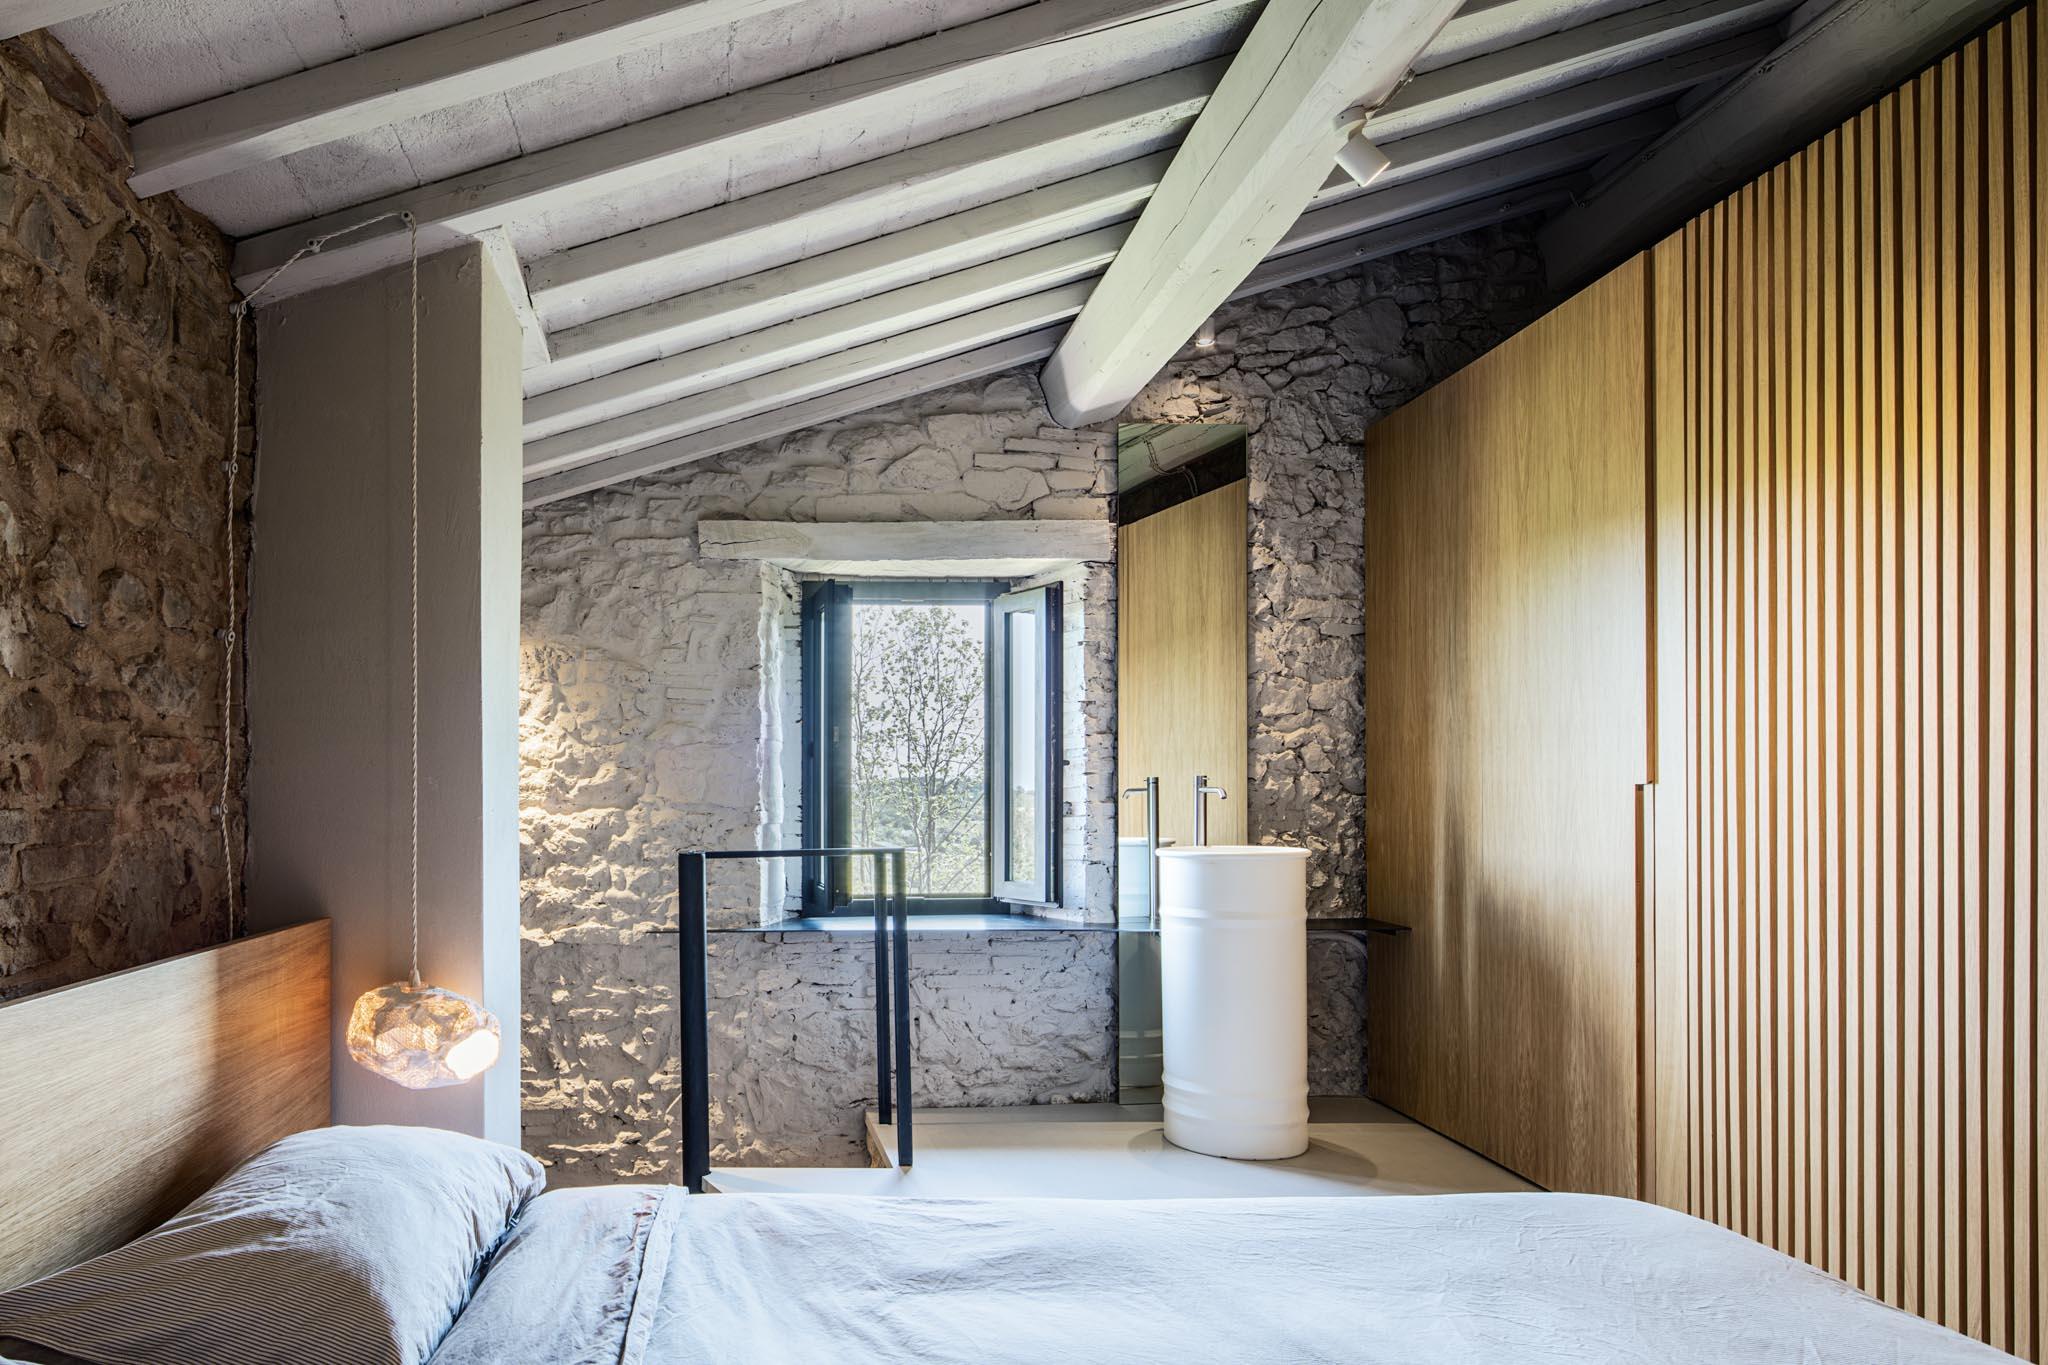 Casa Effegi - Archiplanstudio - Foto di Davide Galli, fotografo di Architettura e Interni a Milano